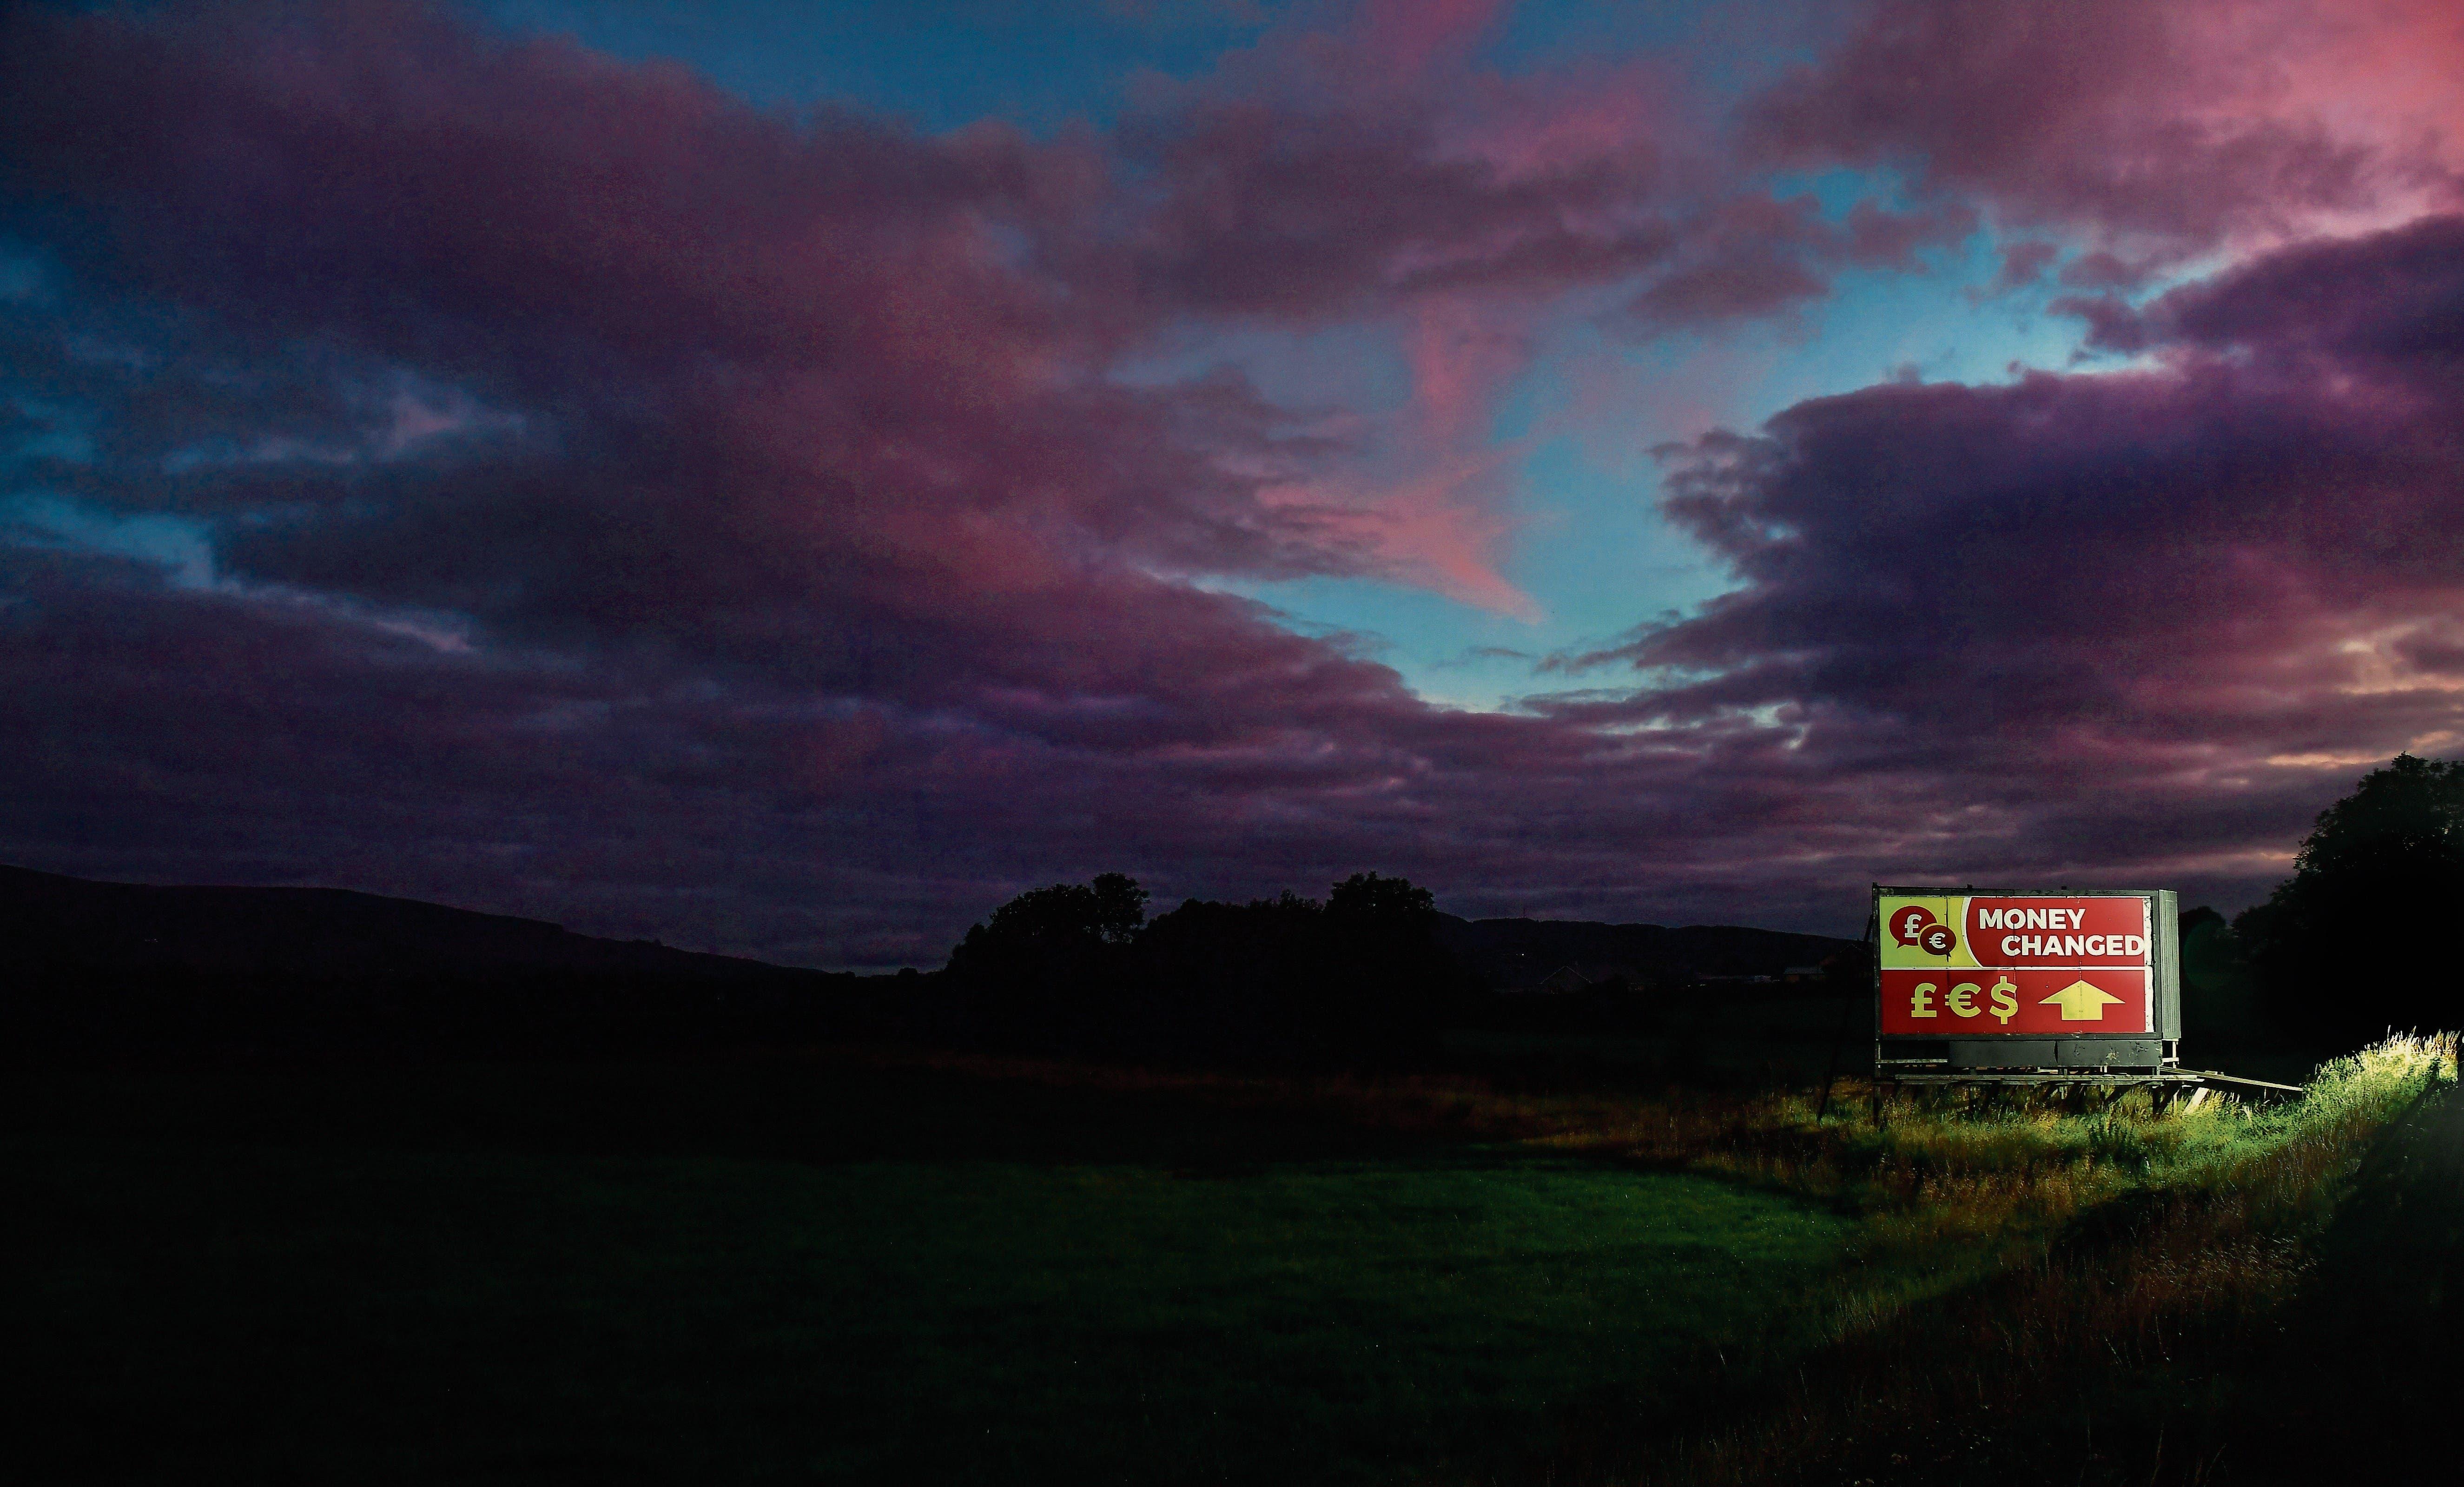 Ein Plakat bewirbt Geldwechseldienste zwischen den Ortschaften Newry und Dundalk in der Nähe der irisch-nordirischen Grenze. (Bild: Charles McQuillan/Getty Images (23. August 2018))